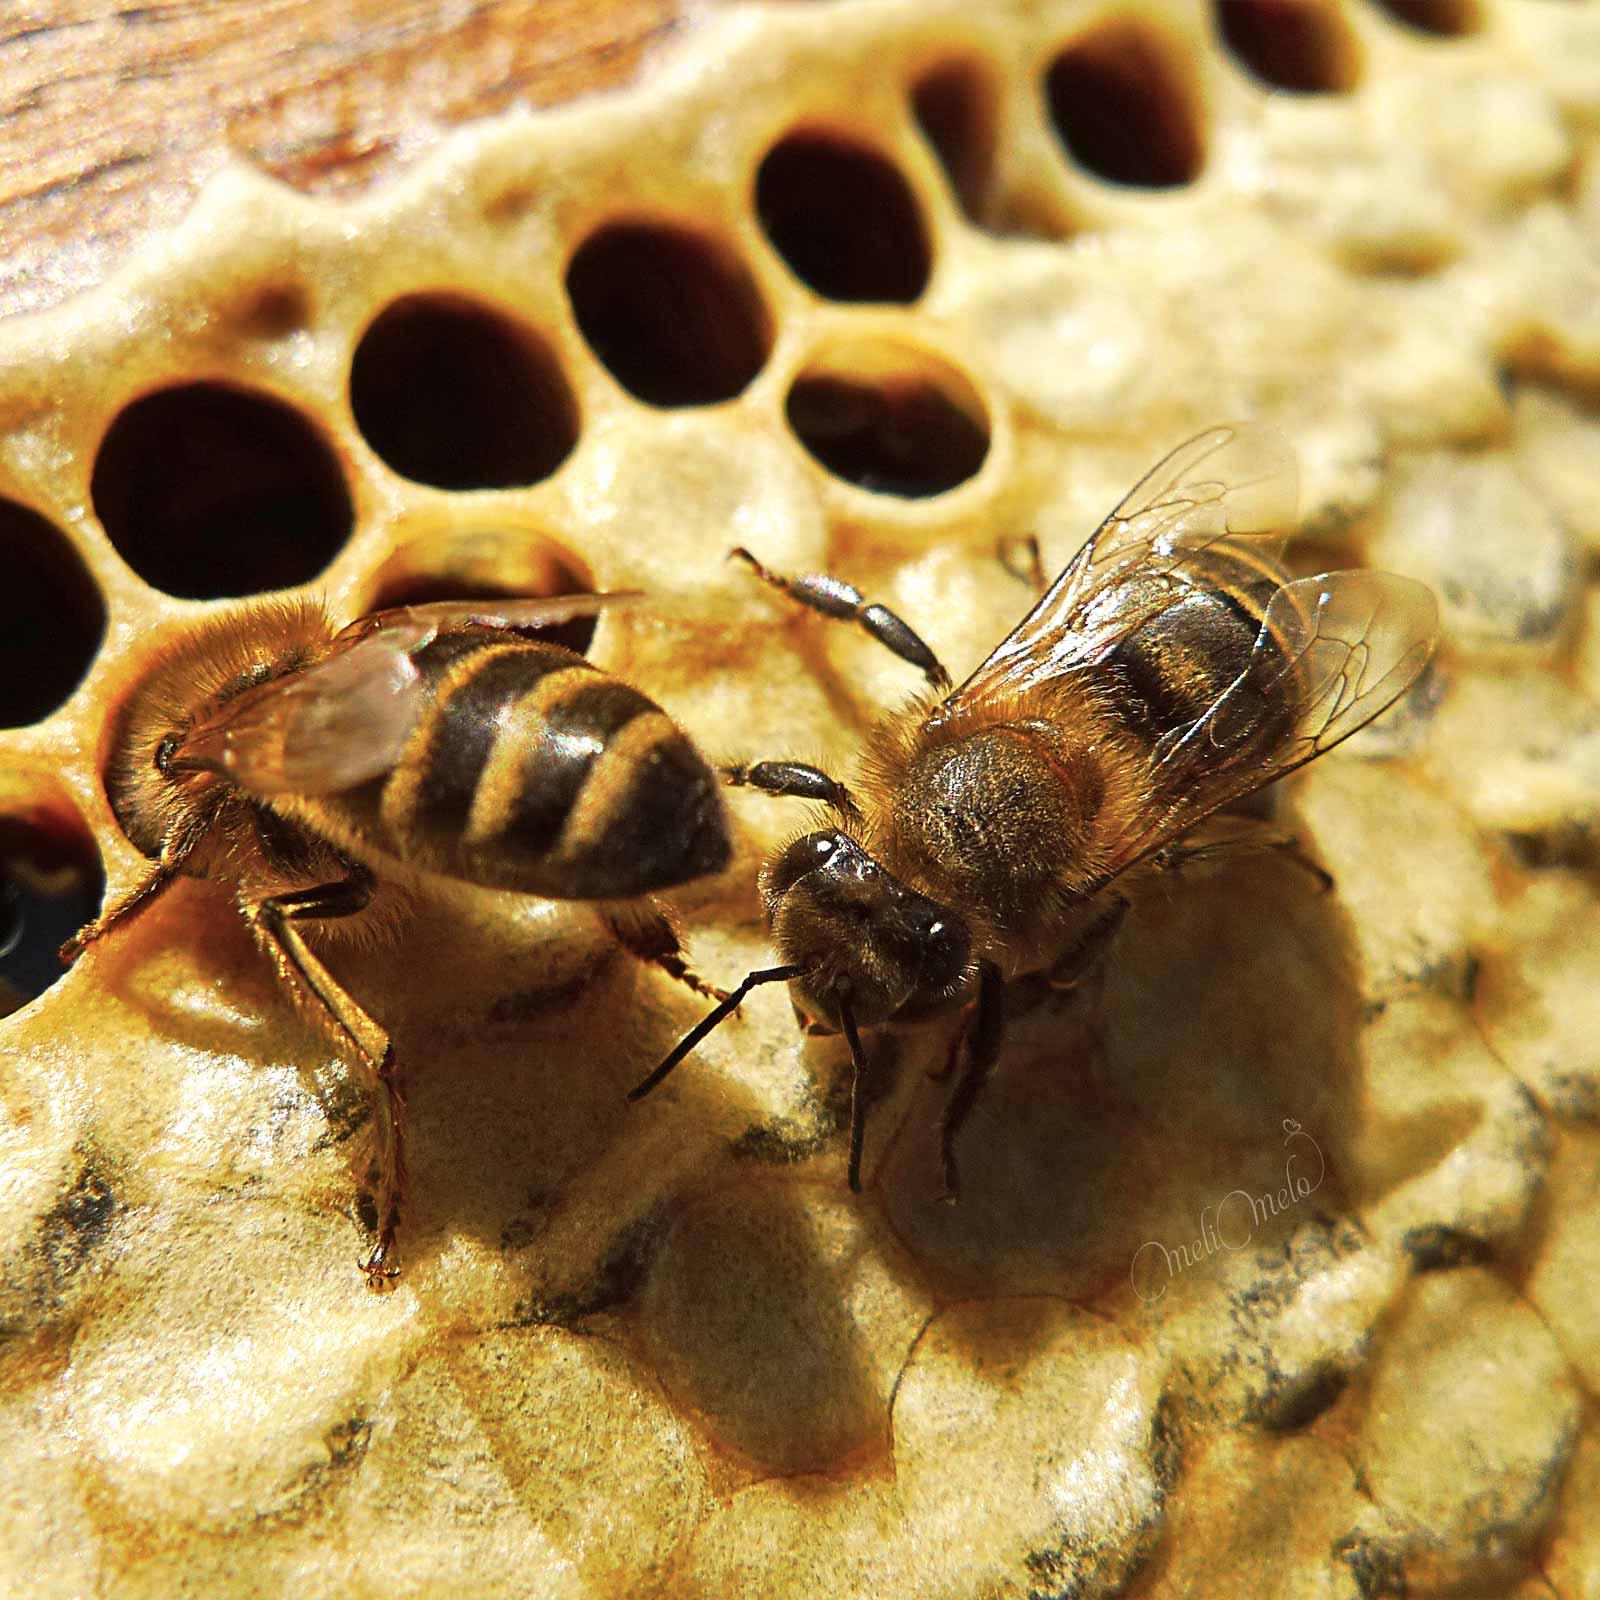 apiculture-naturelle-abeilles-sur-cadre-ruche-laboutiquedemelimelo